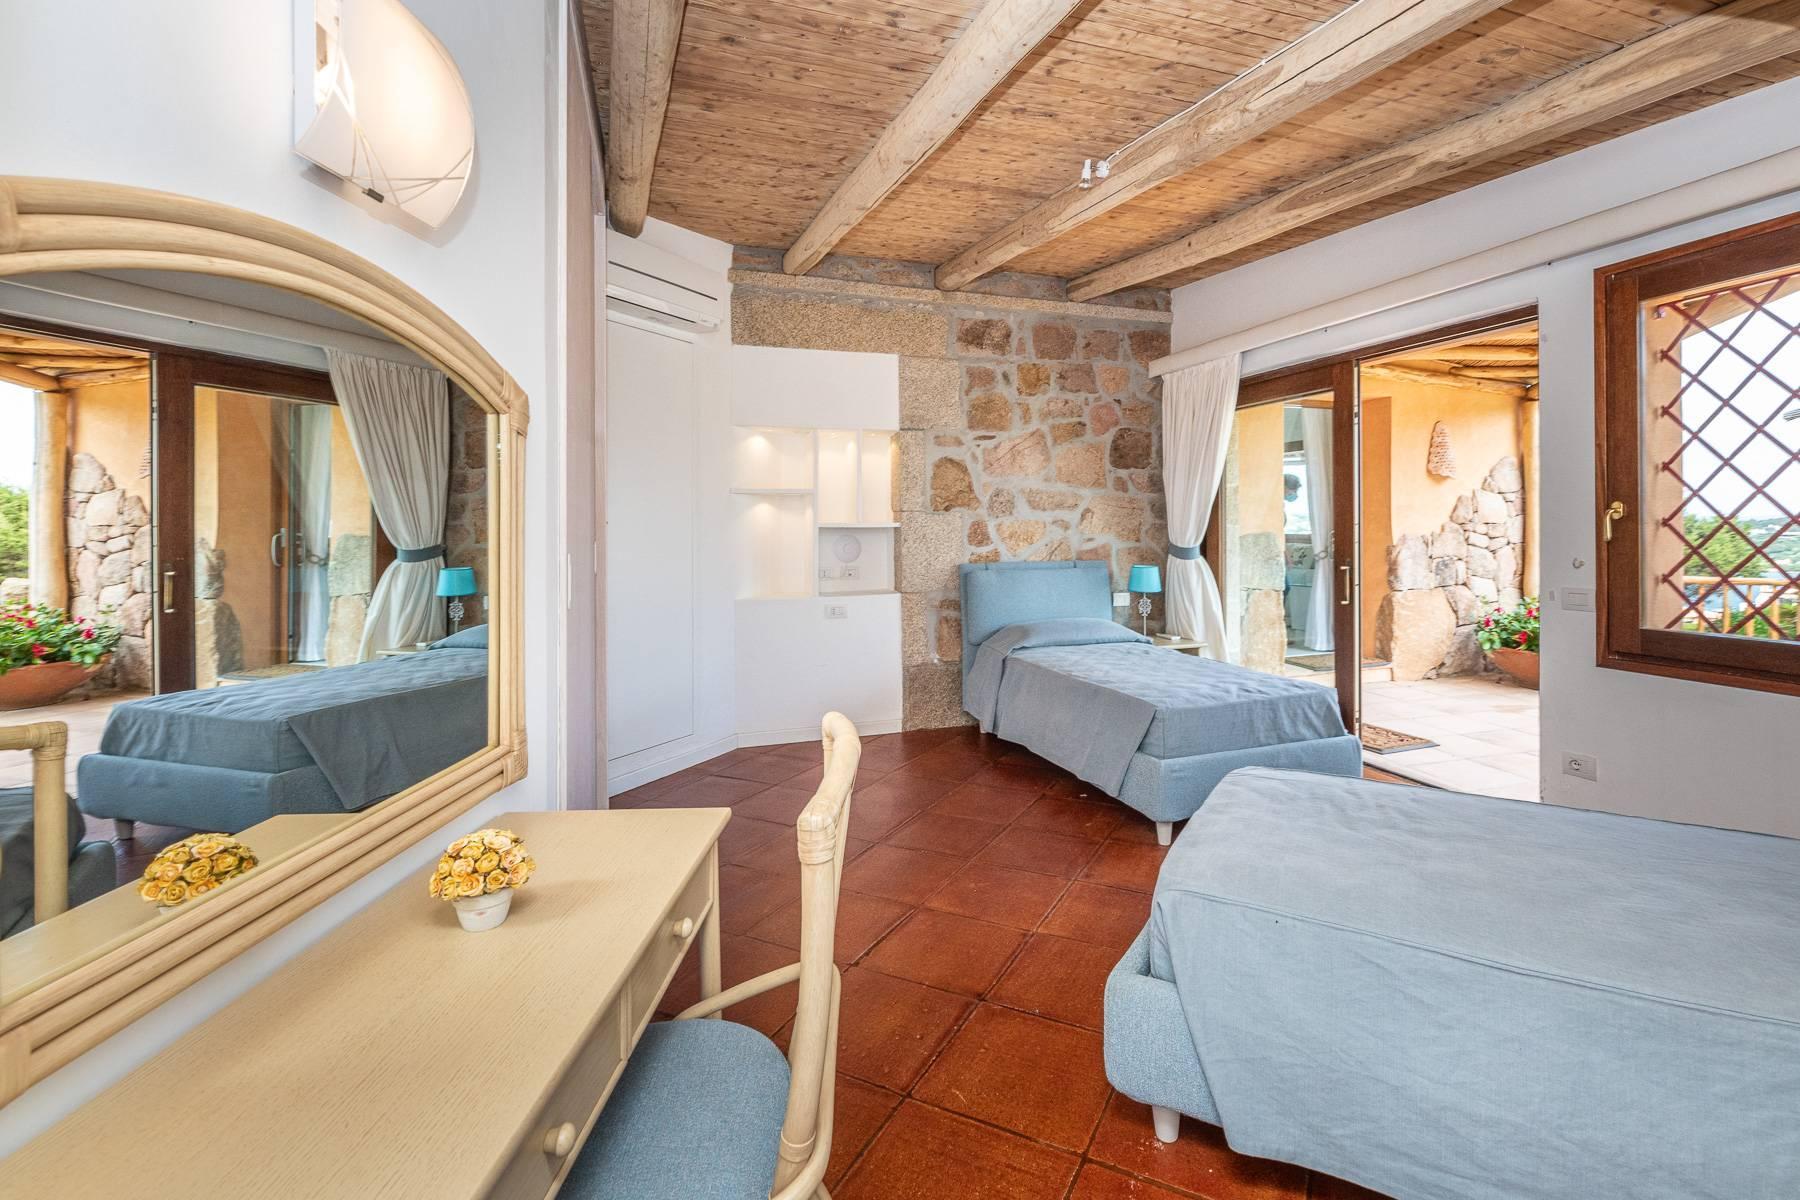 Importante villa indipendente con un impareggiabile panorama, nel cuore di Porto Cervo. - 19